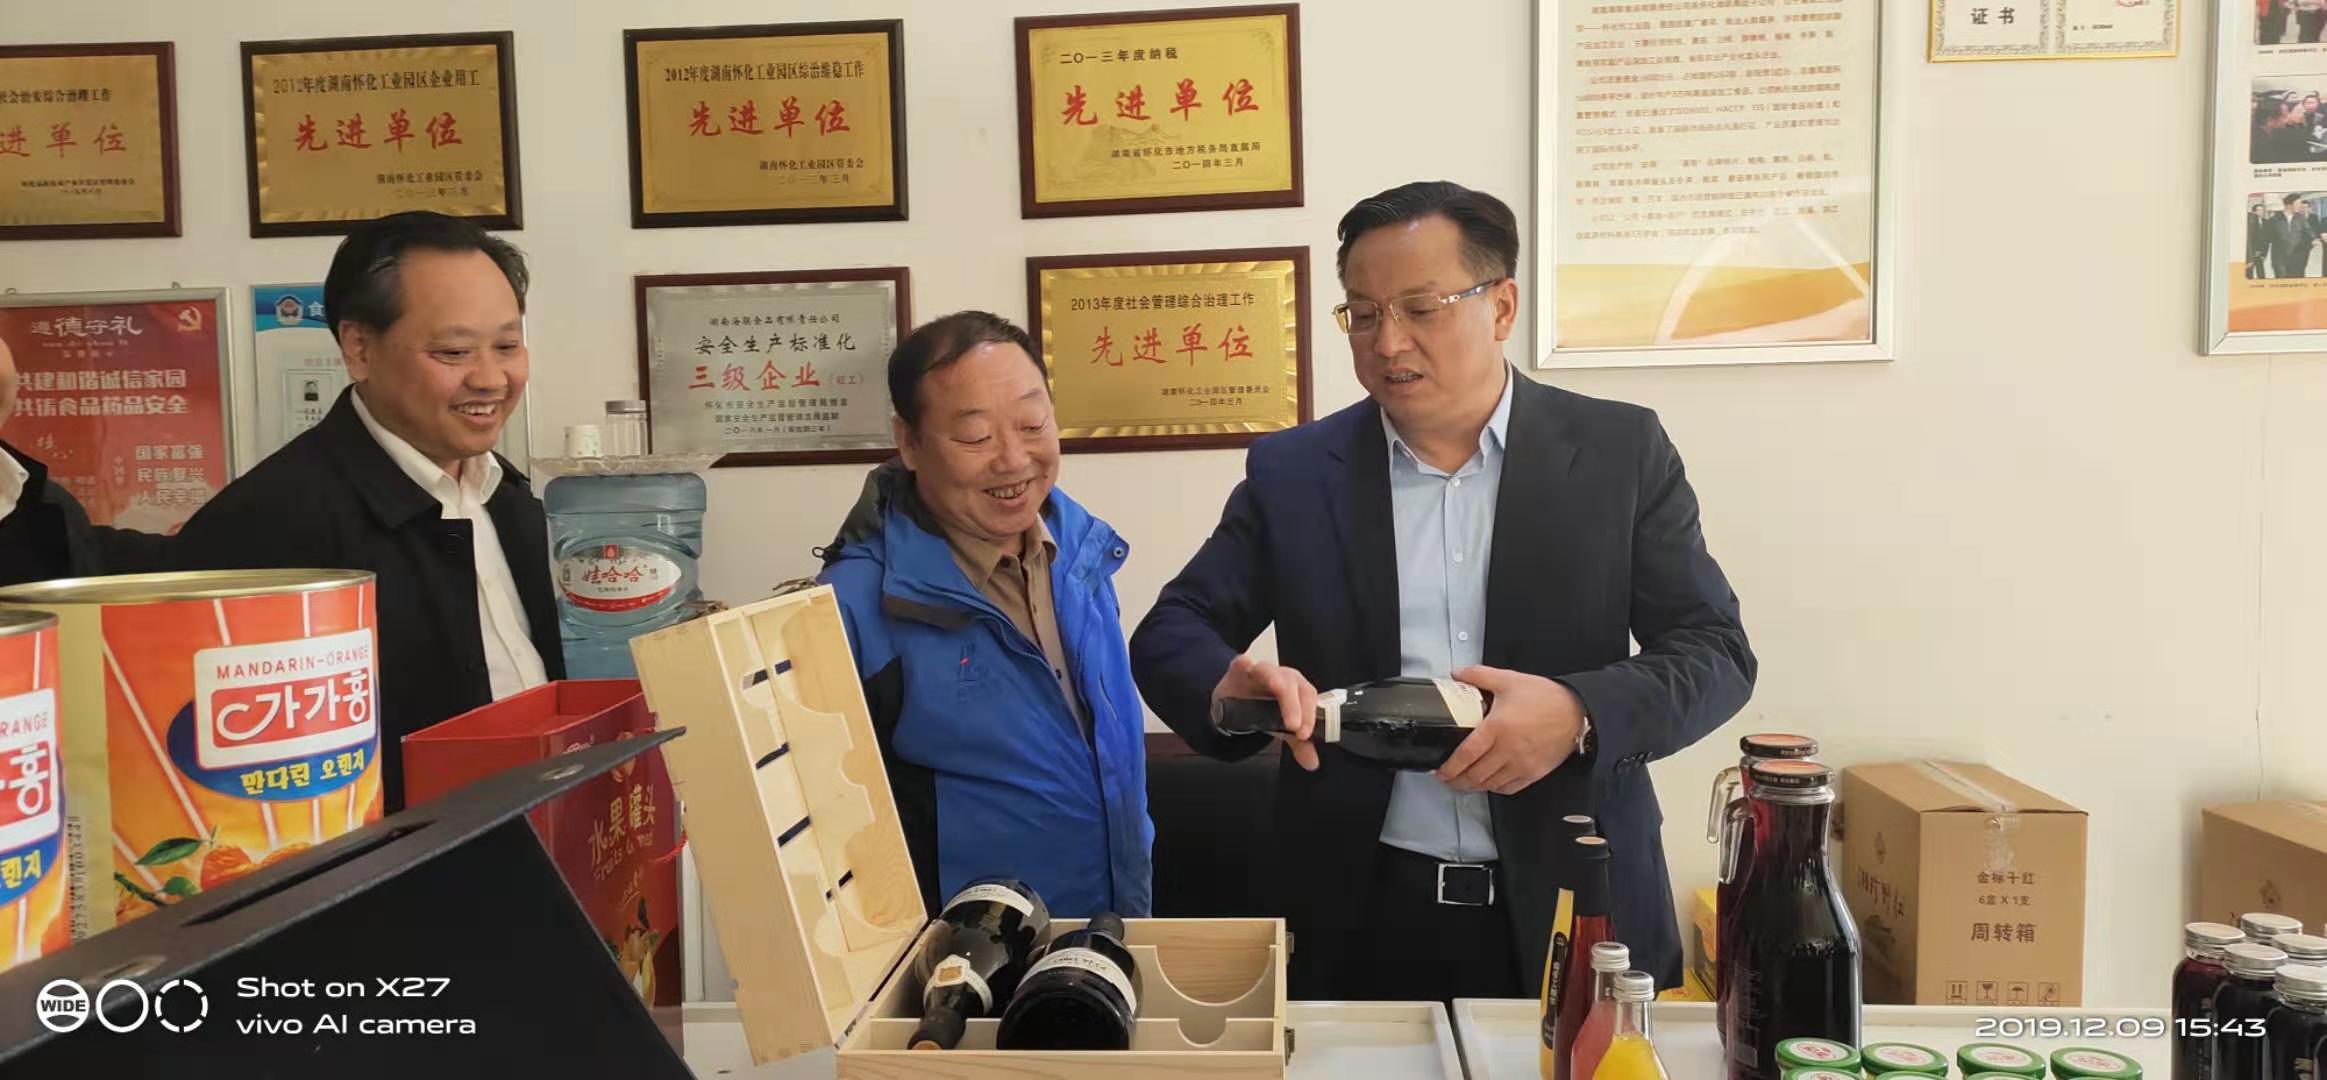 2019年12月9日怀化市委副书记市长雷绍业、副市长姚述铭到海联食品调研指导工作。